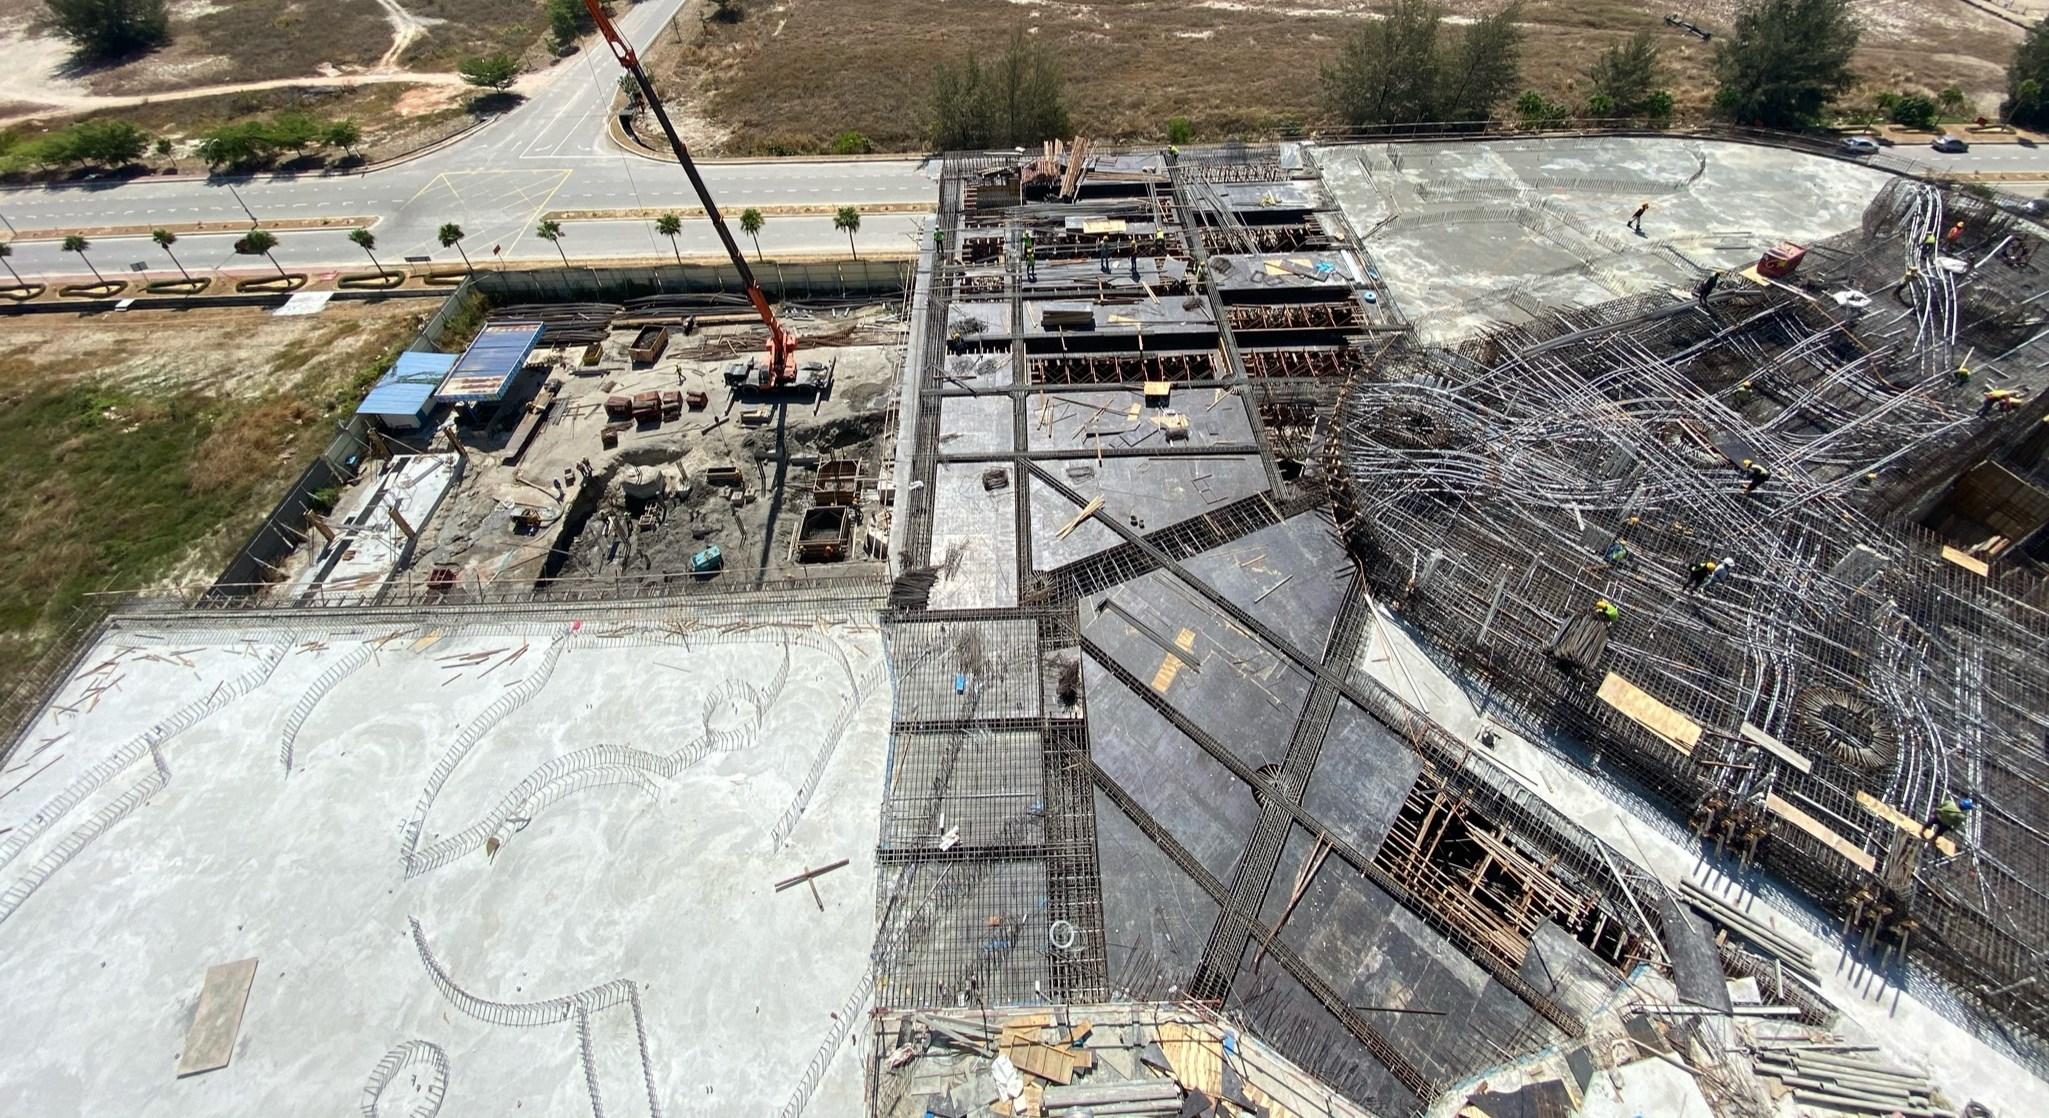 07-C 棟區域 (7F 樑版筋綁紥及版模鋪設)